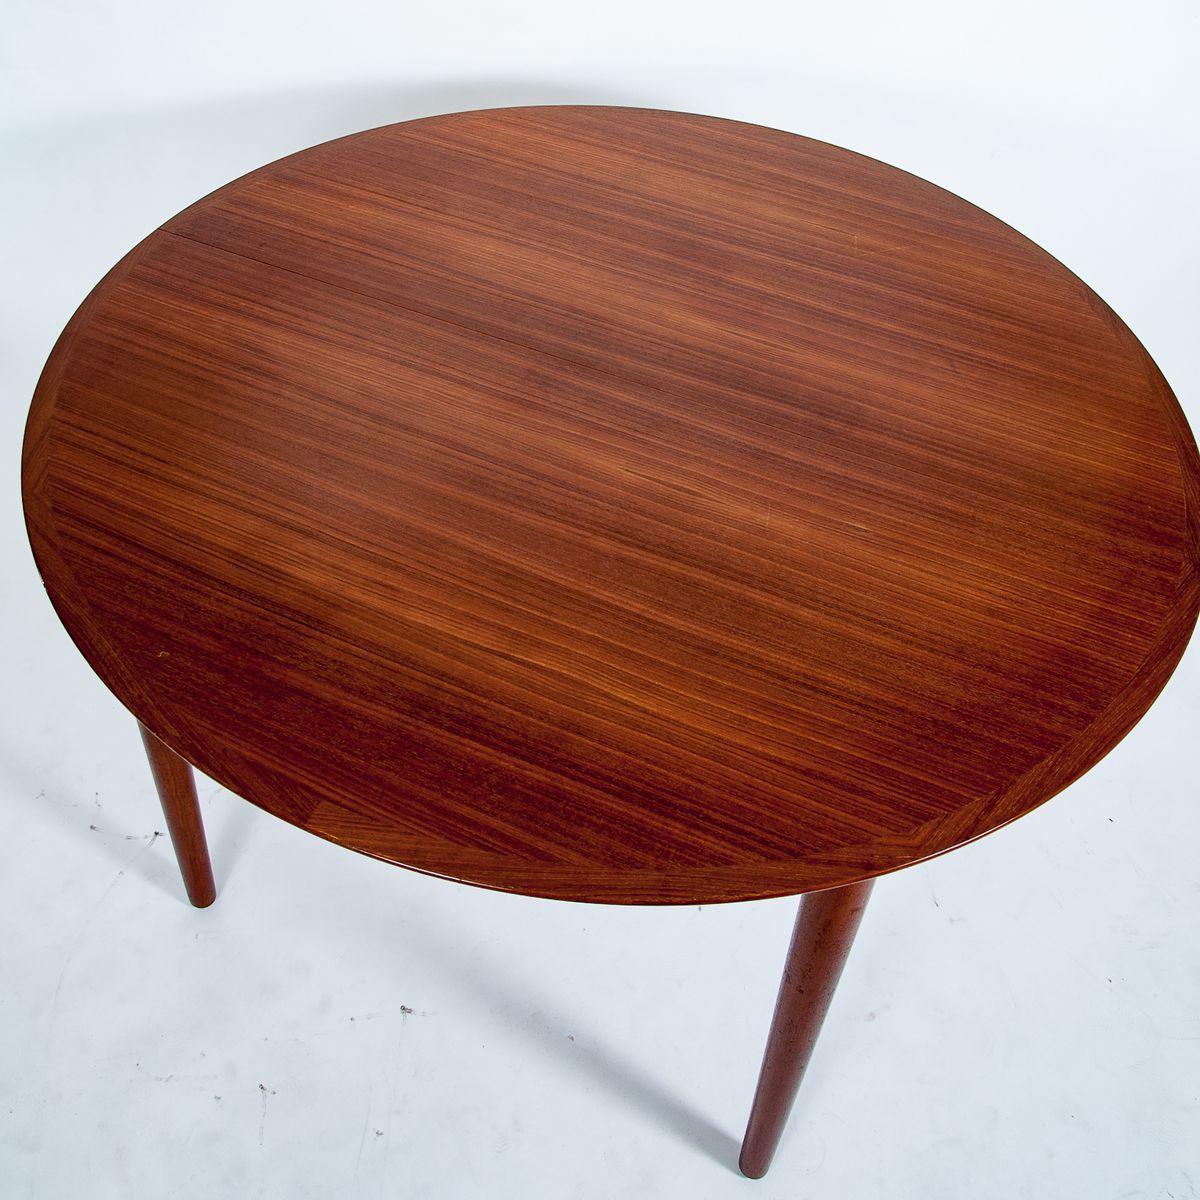 d nischer mid century esstisch von arne vodder f r sibast 1960er bei pamono kaufen. Black Bedroom Furniture Sets. Home Design Ideas